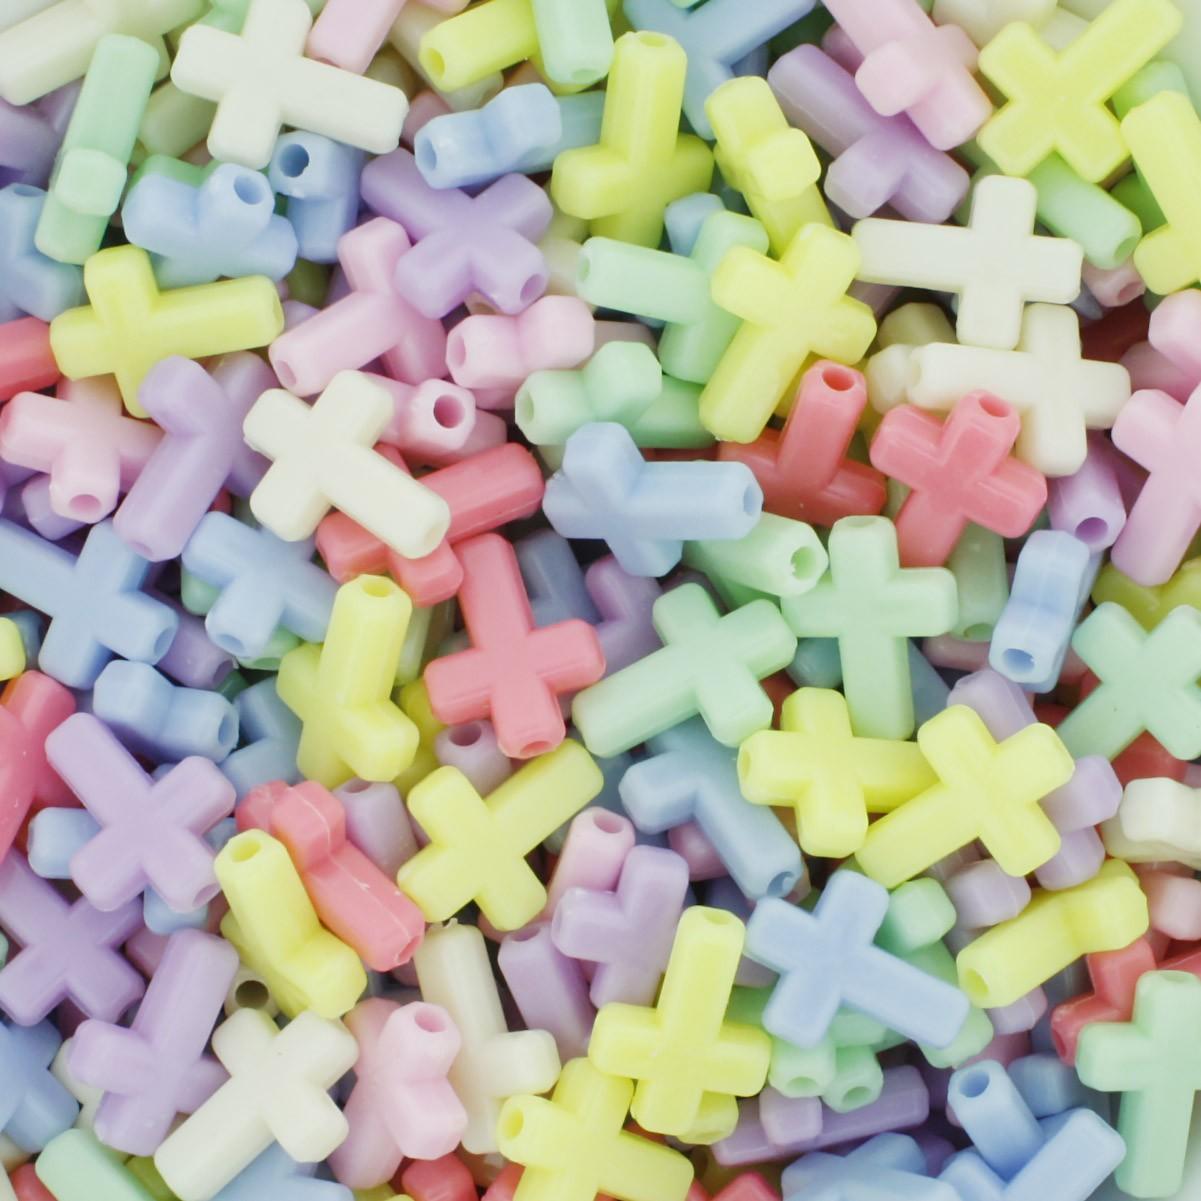 Miçanga Colorida Infantil - Crucifixos Candy  - Stéphanie Bijoux® - Peças para Bijuterias e Artesanato